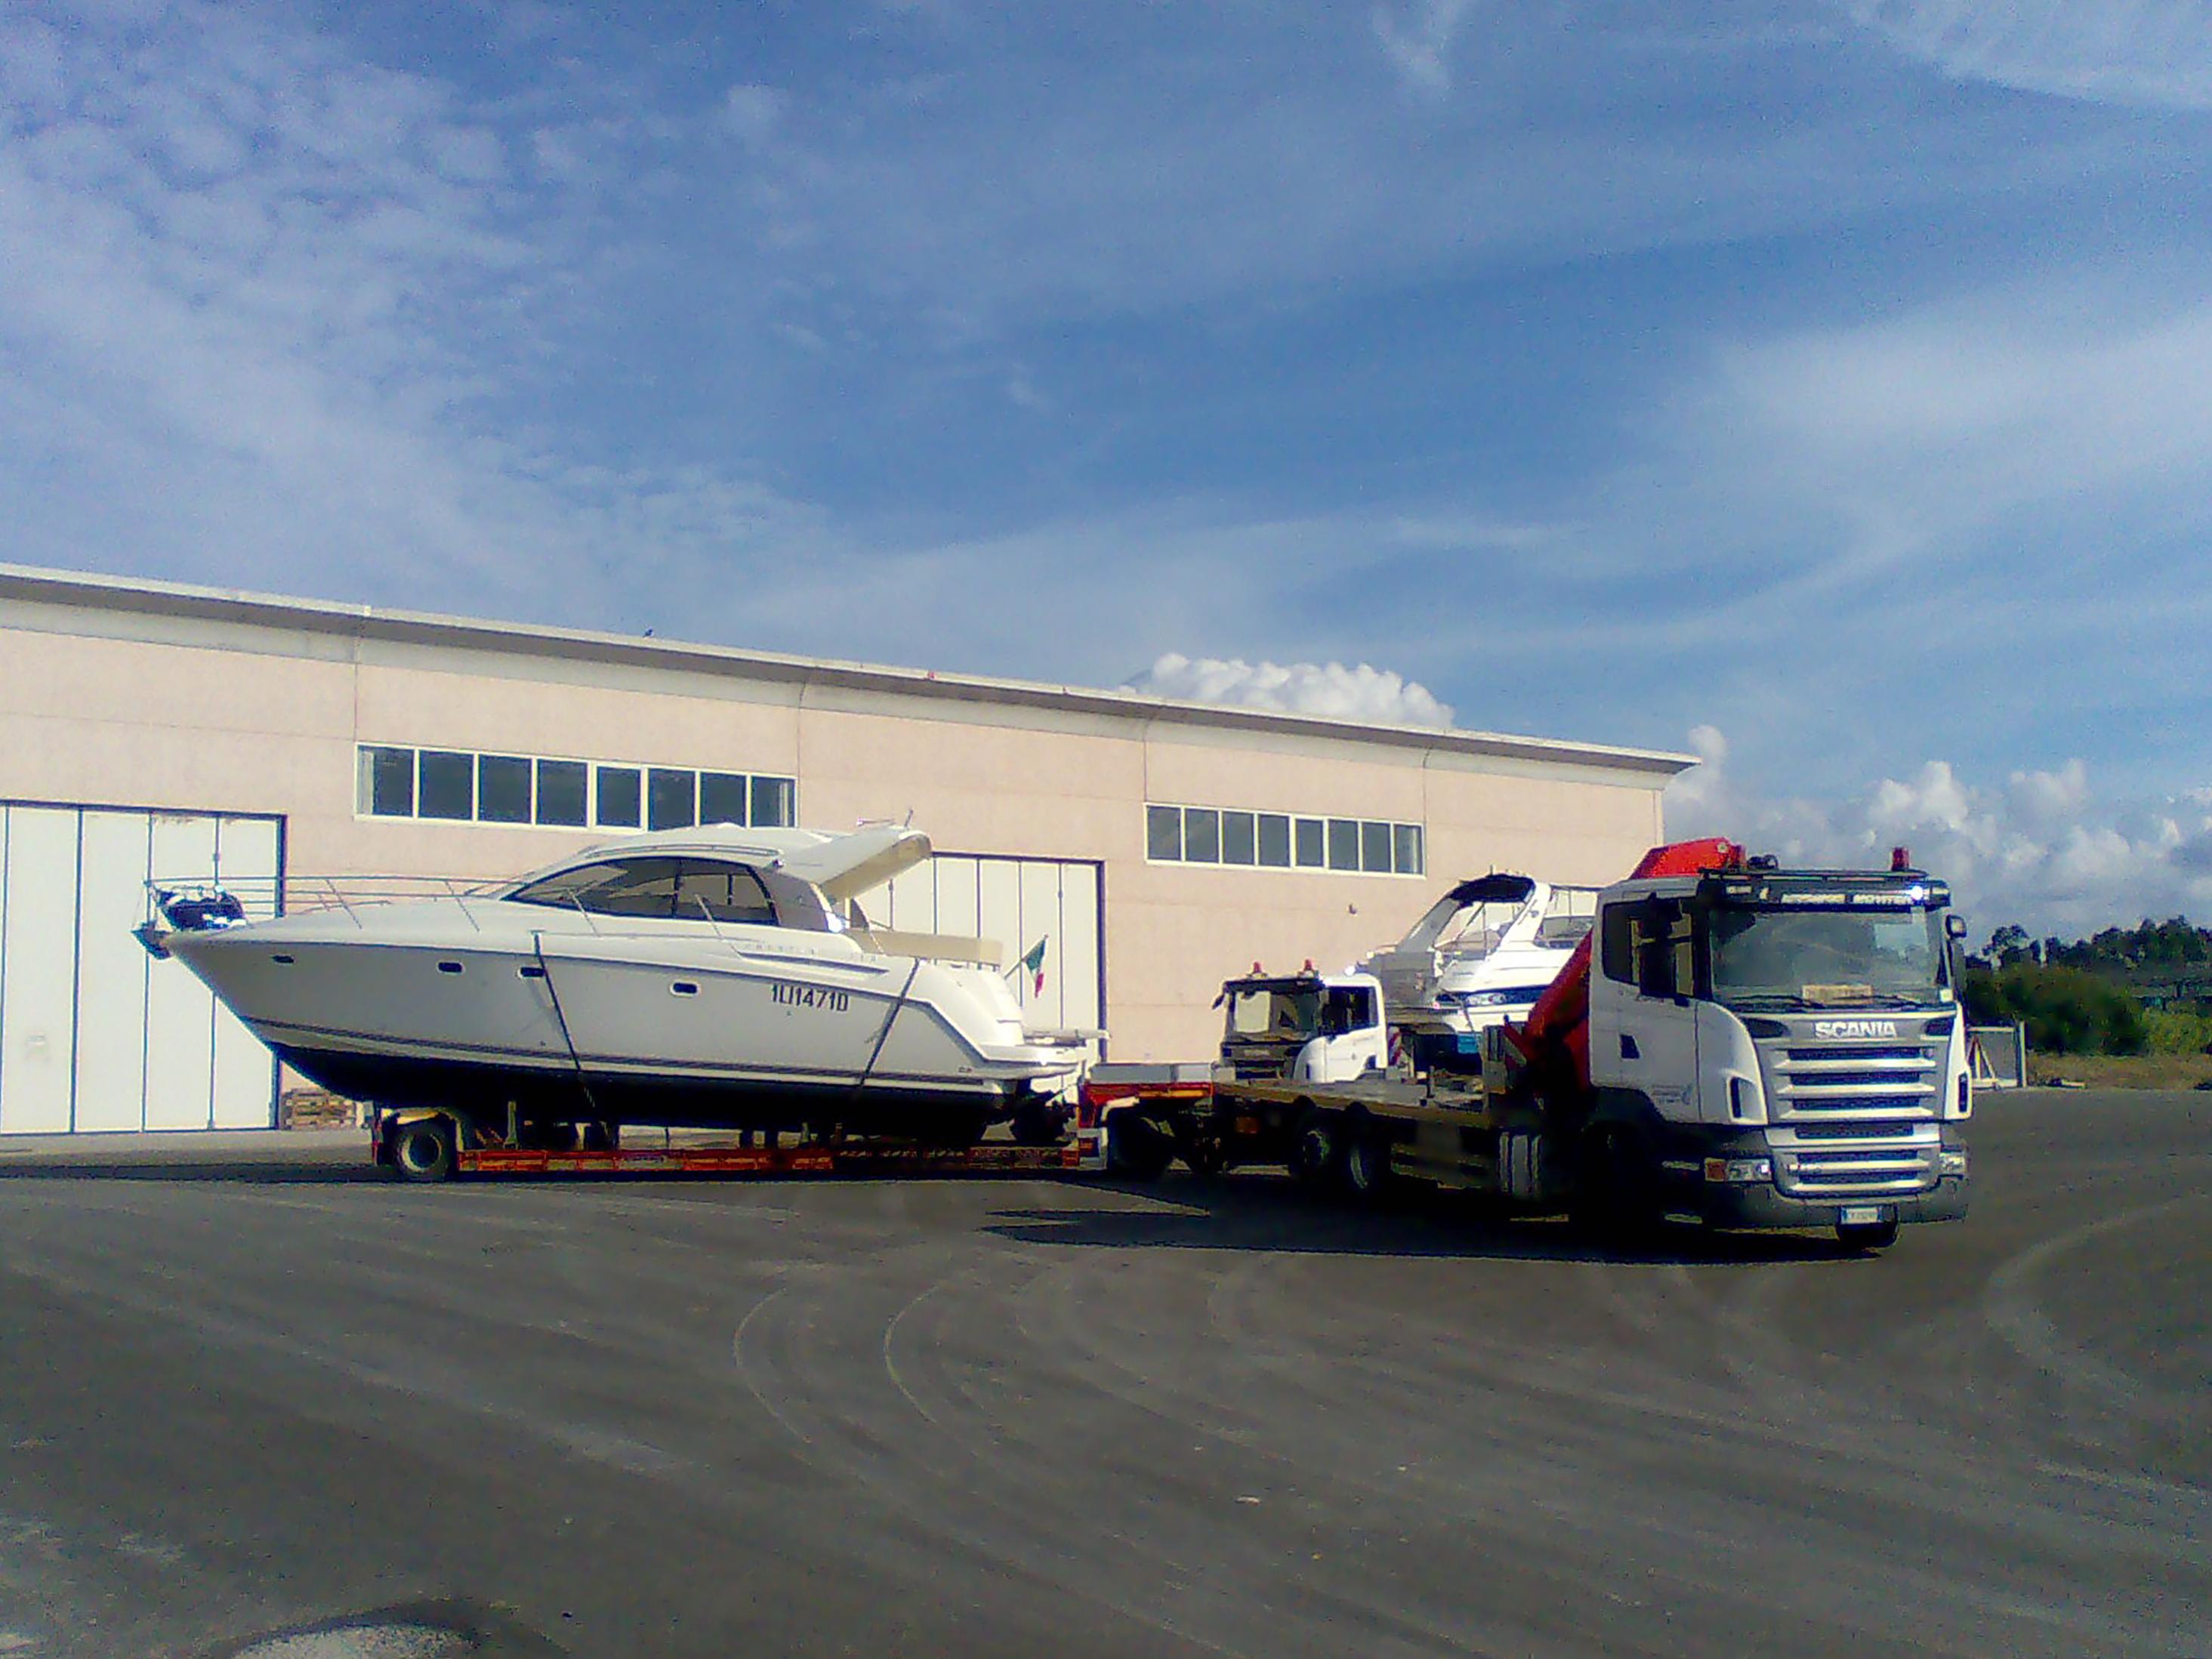 MOVITER è Trasporto Barche in Toscana. Trasporto Barche a Vela, Barche a Motore, Gommoni.